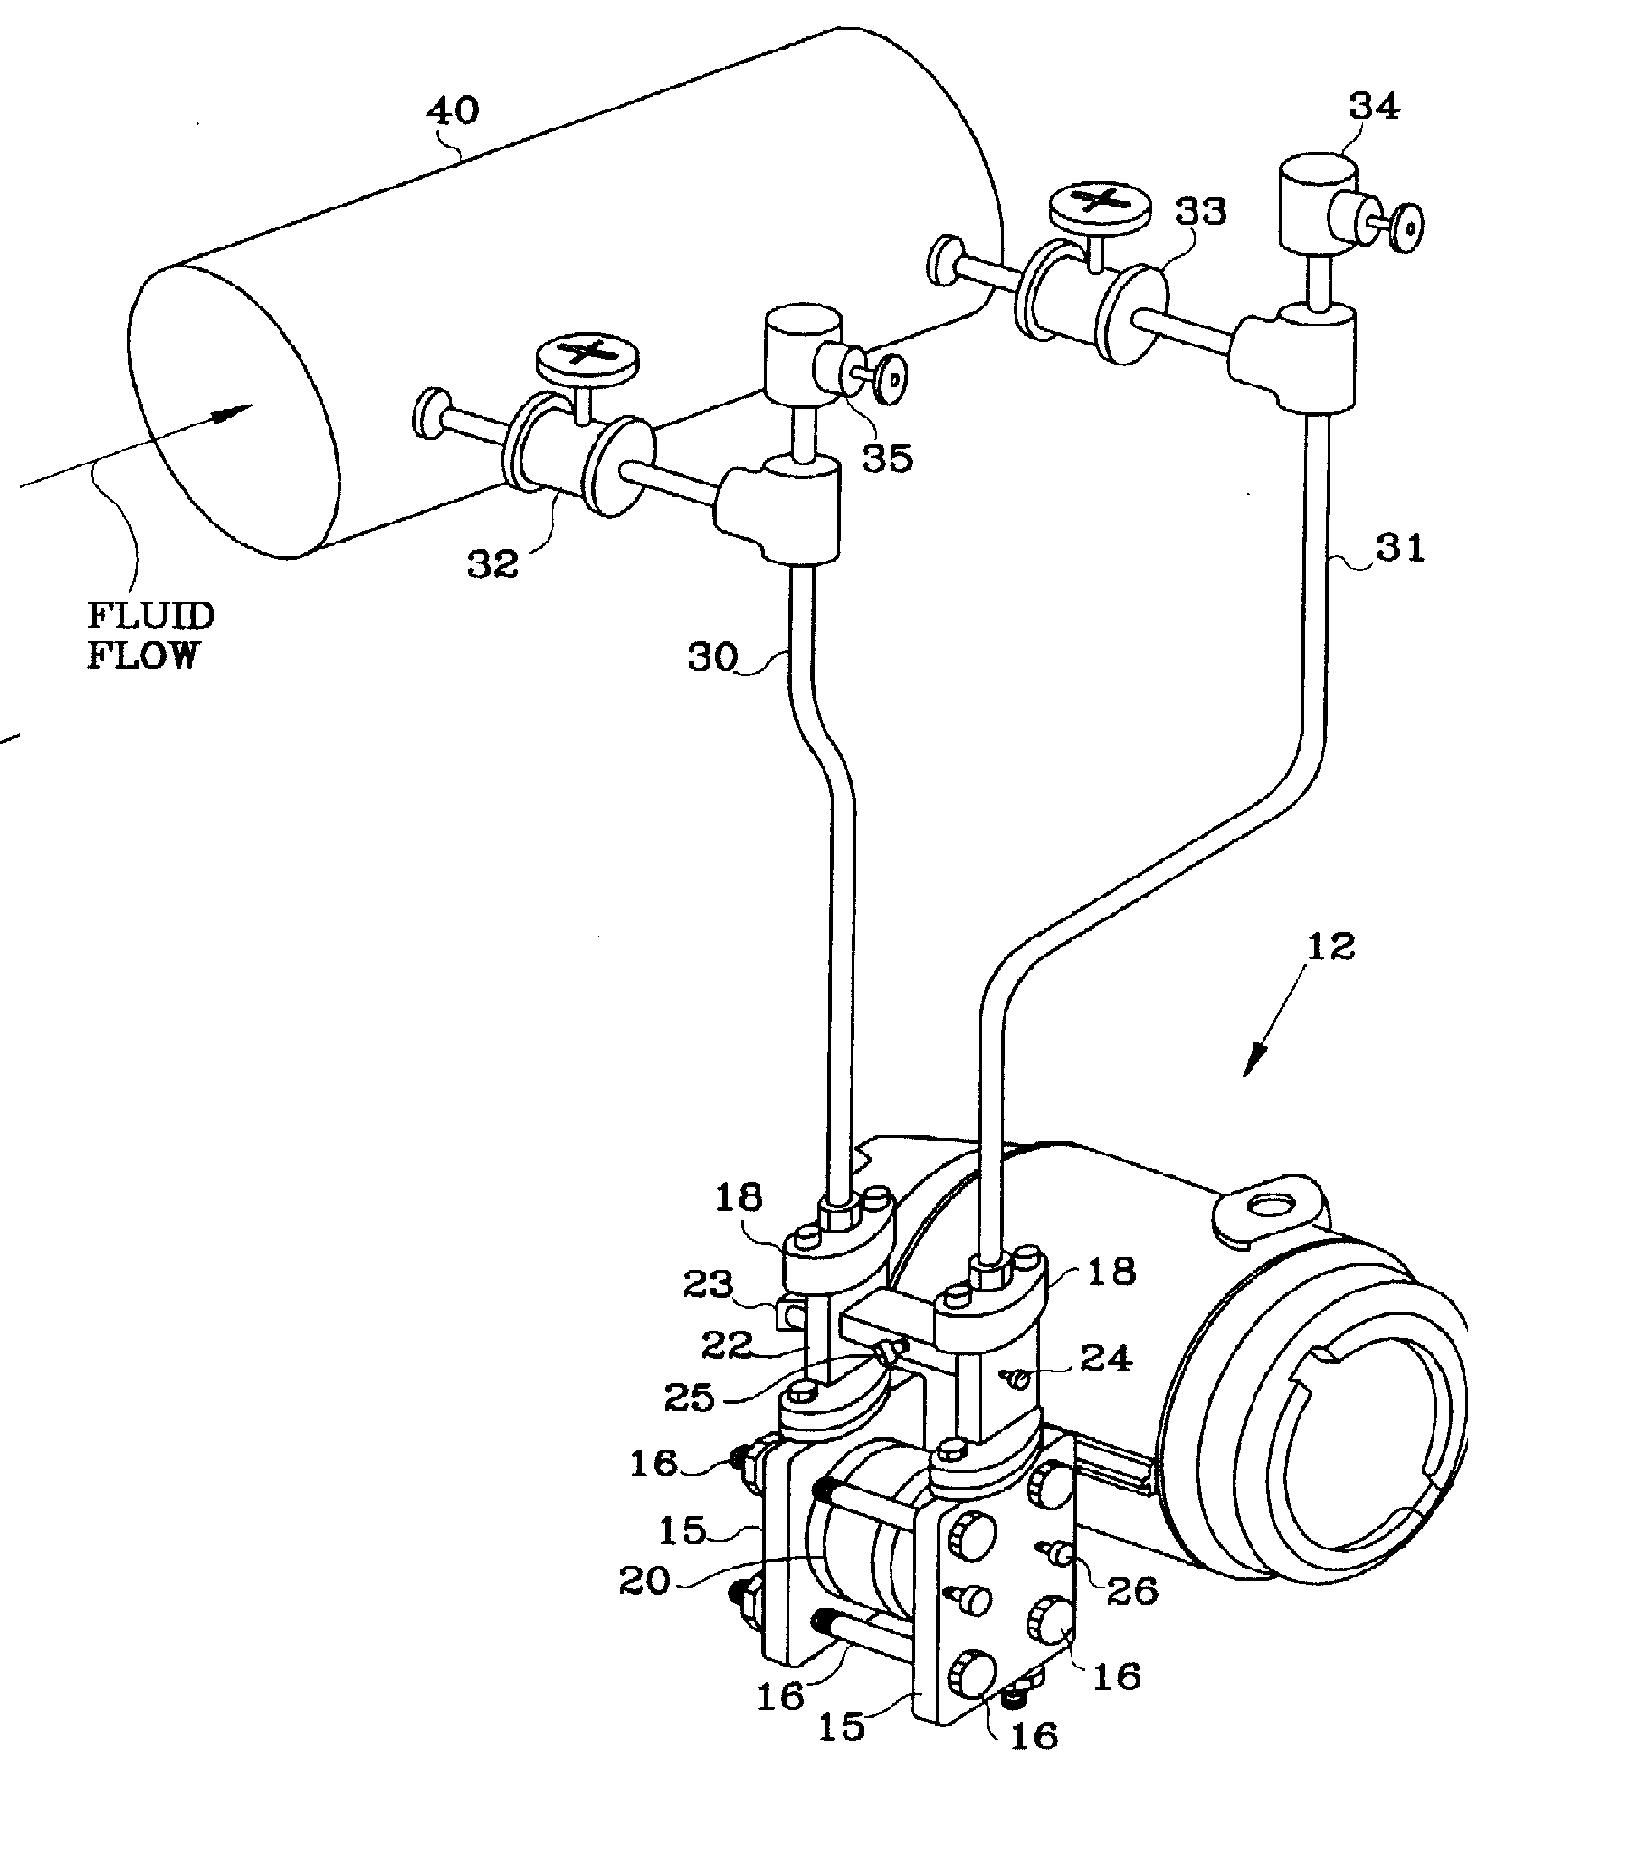 Instrumentation Work Design